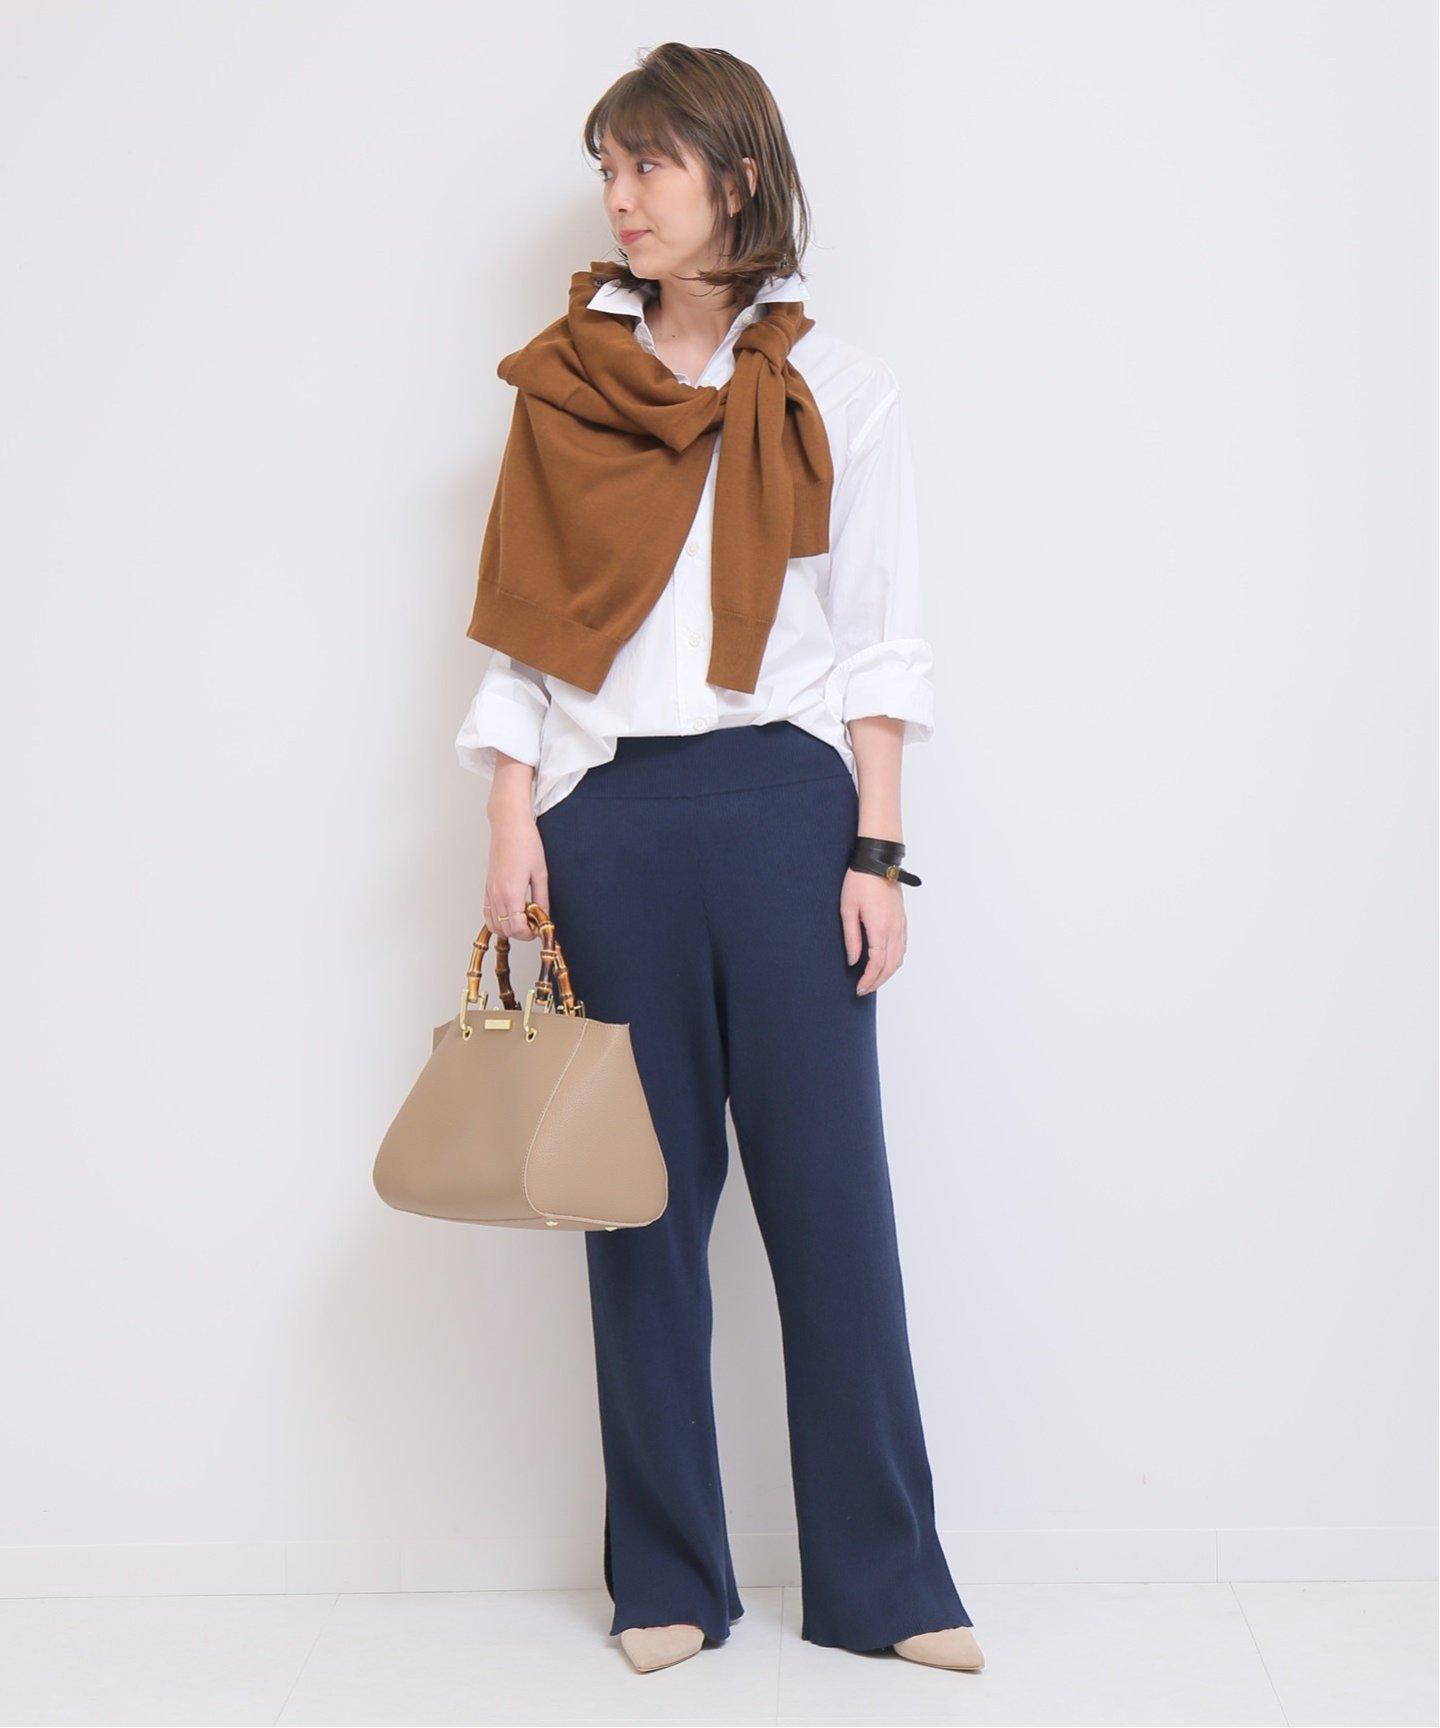 這件就是春日的時髦取向!正式回歸的「小喇叭褲」為你打造大人感身形 | | 美人計 | 妞新聞 niusnews